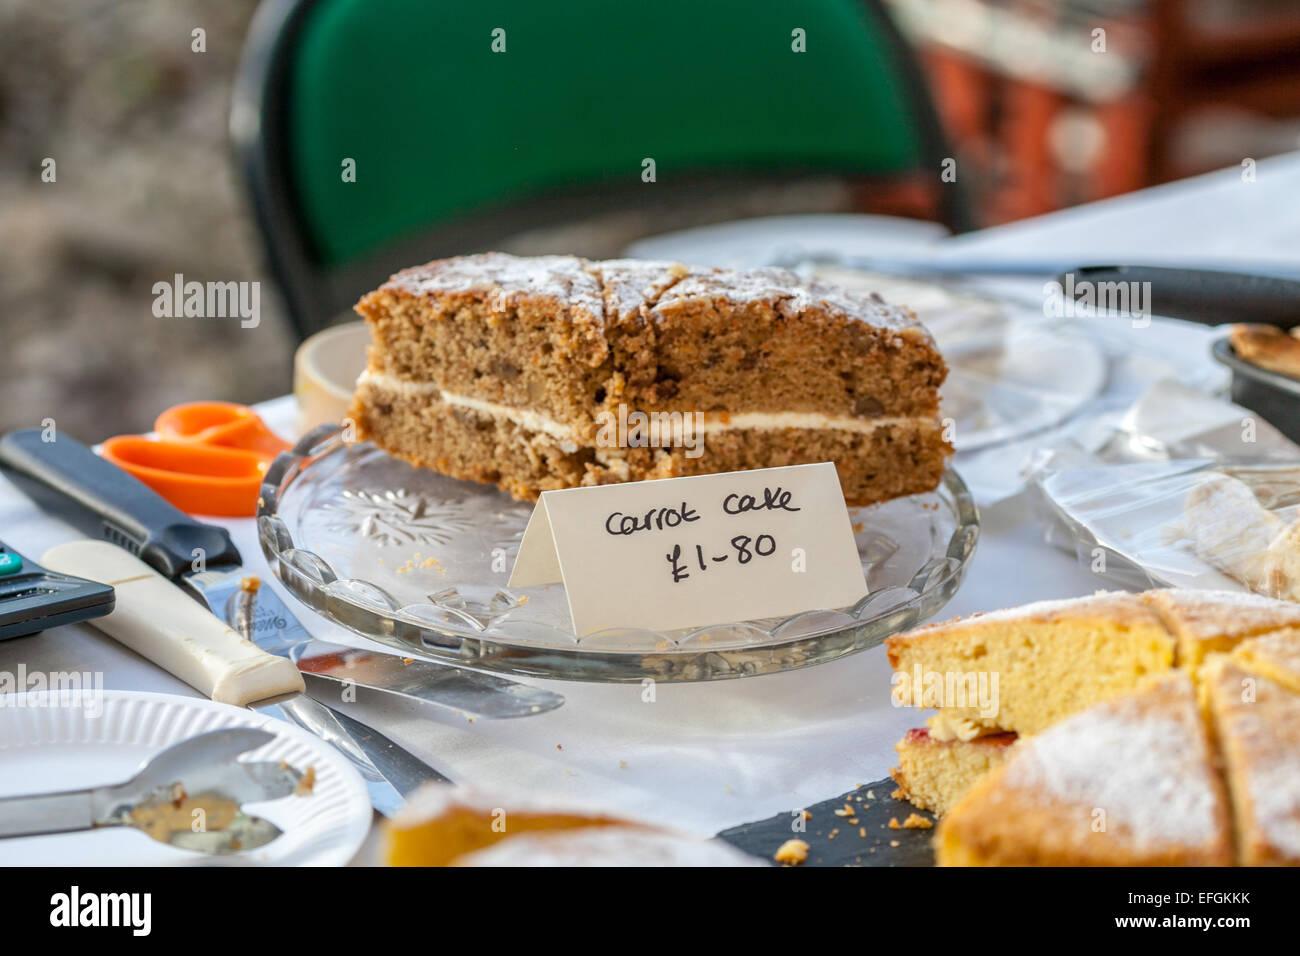 Homemade Carrot Cake For Sale